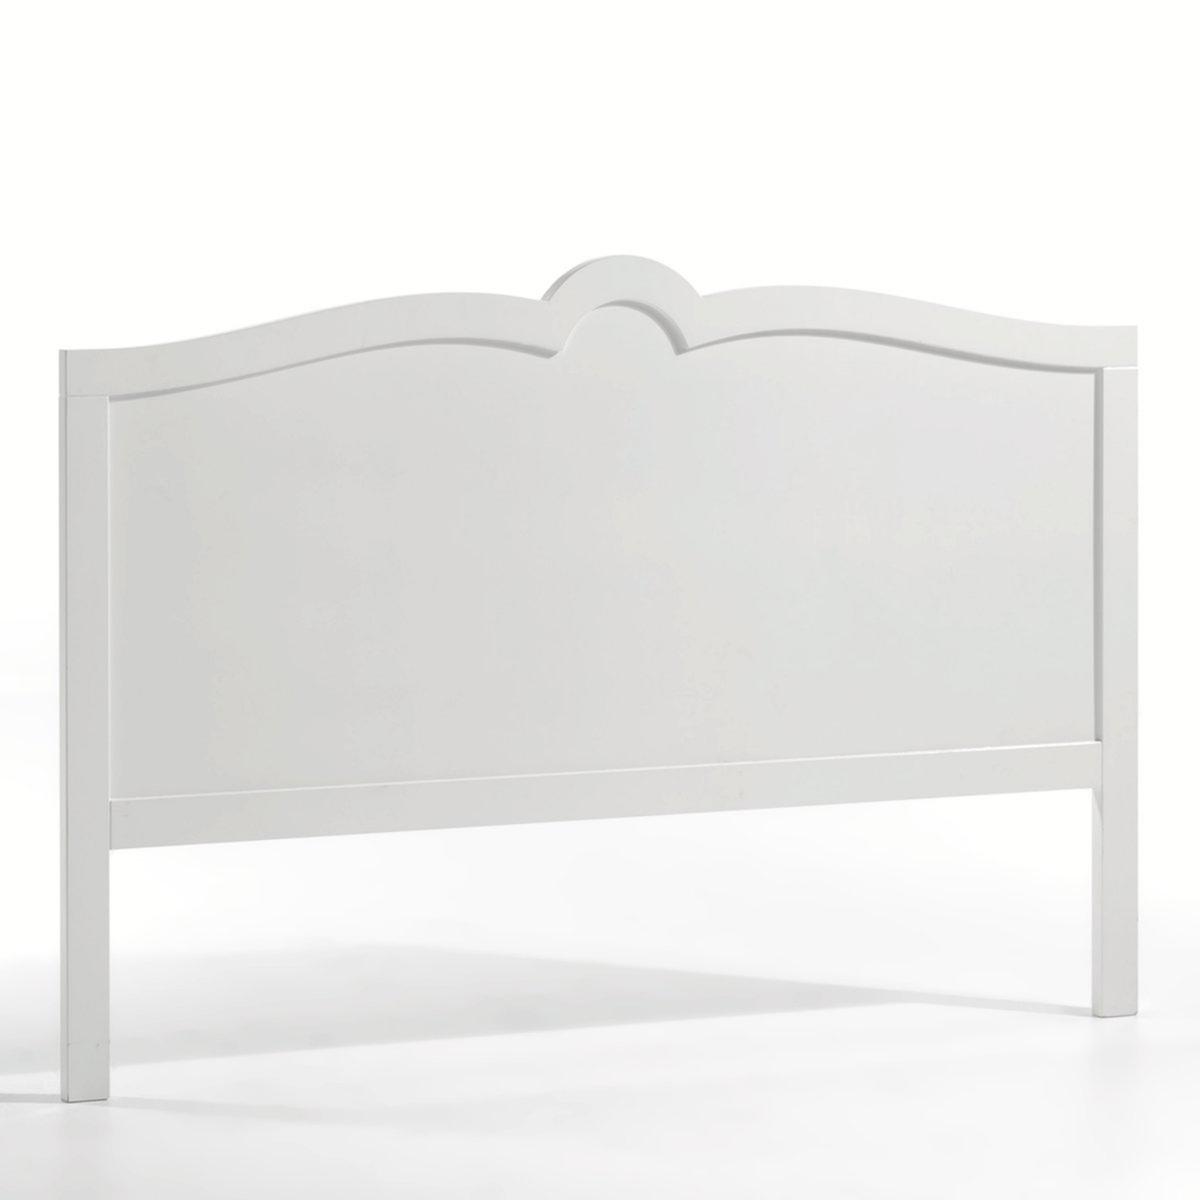 Изголовье LaRedoute Для кровати с лакированной отделкой Sydia 140 см белый кровати 160 см